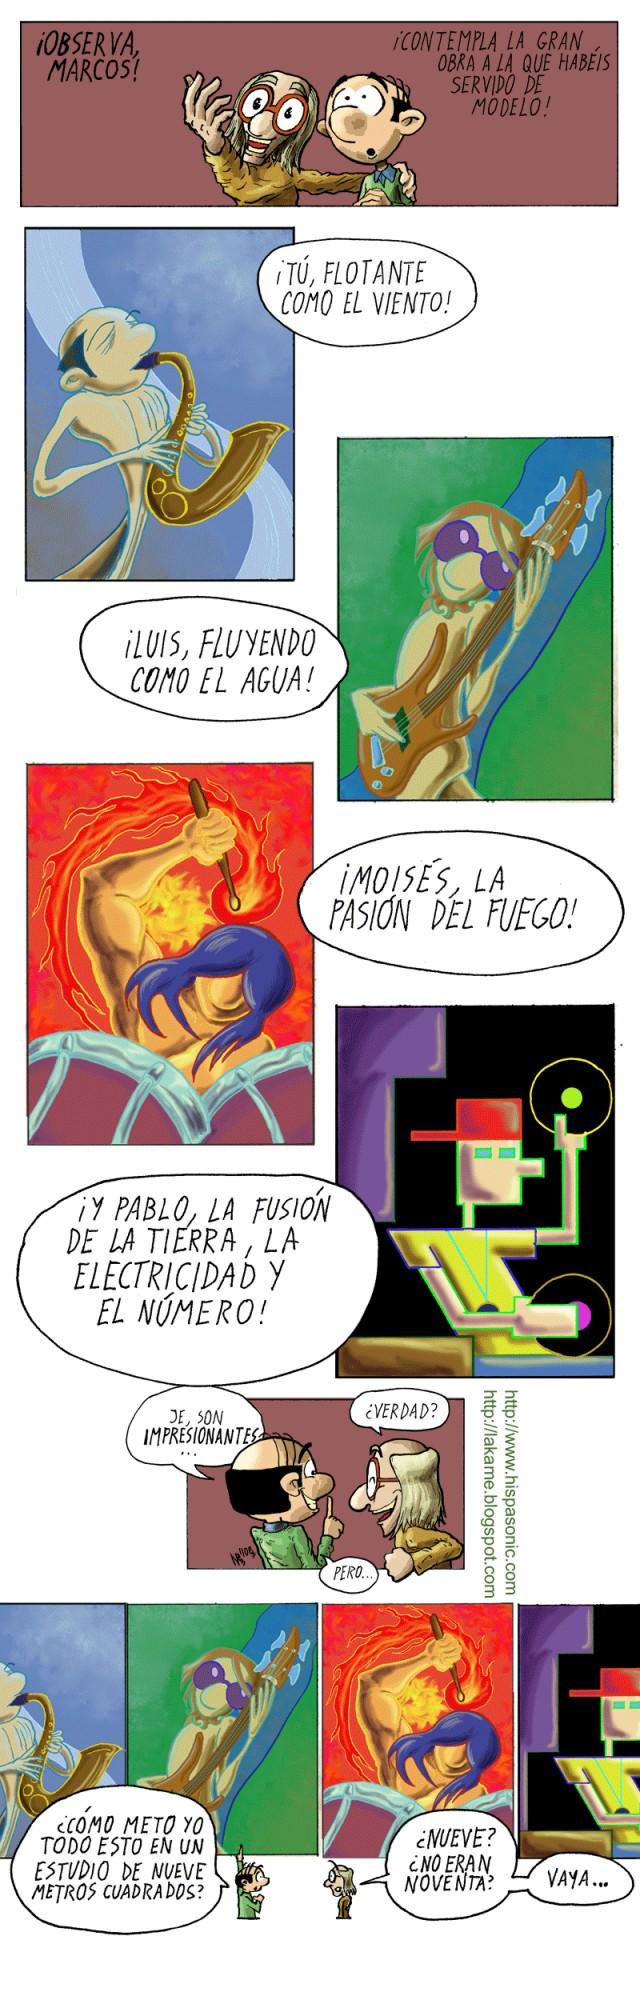 Arte y espacio